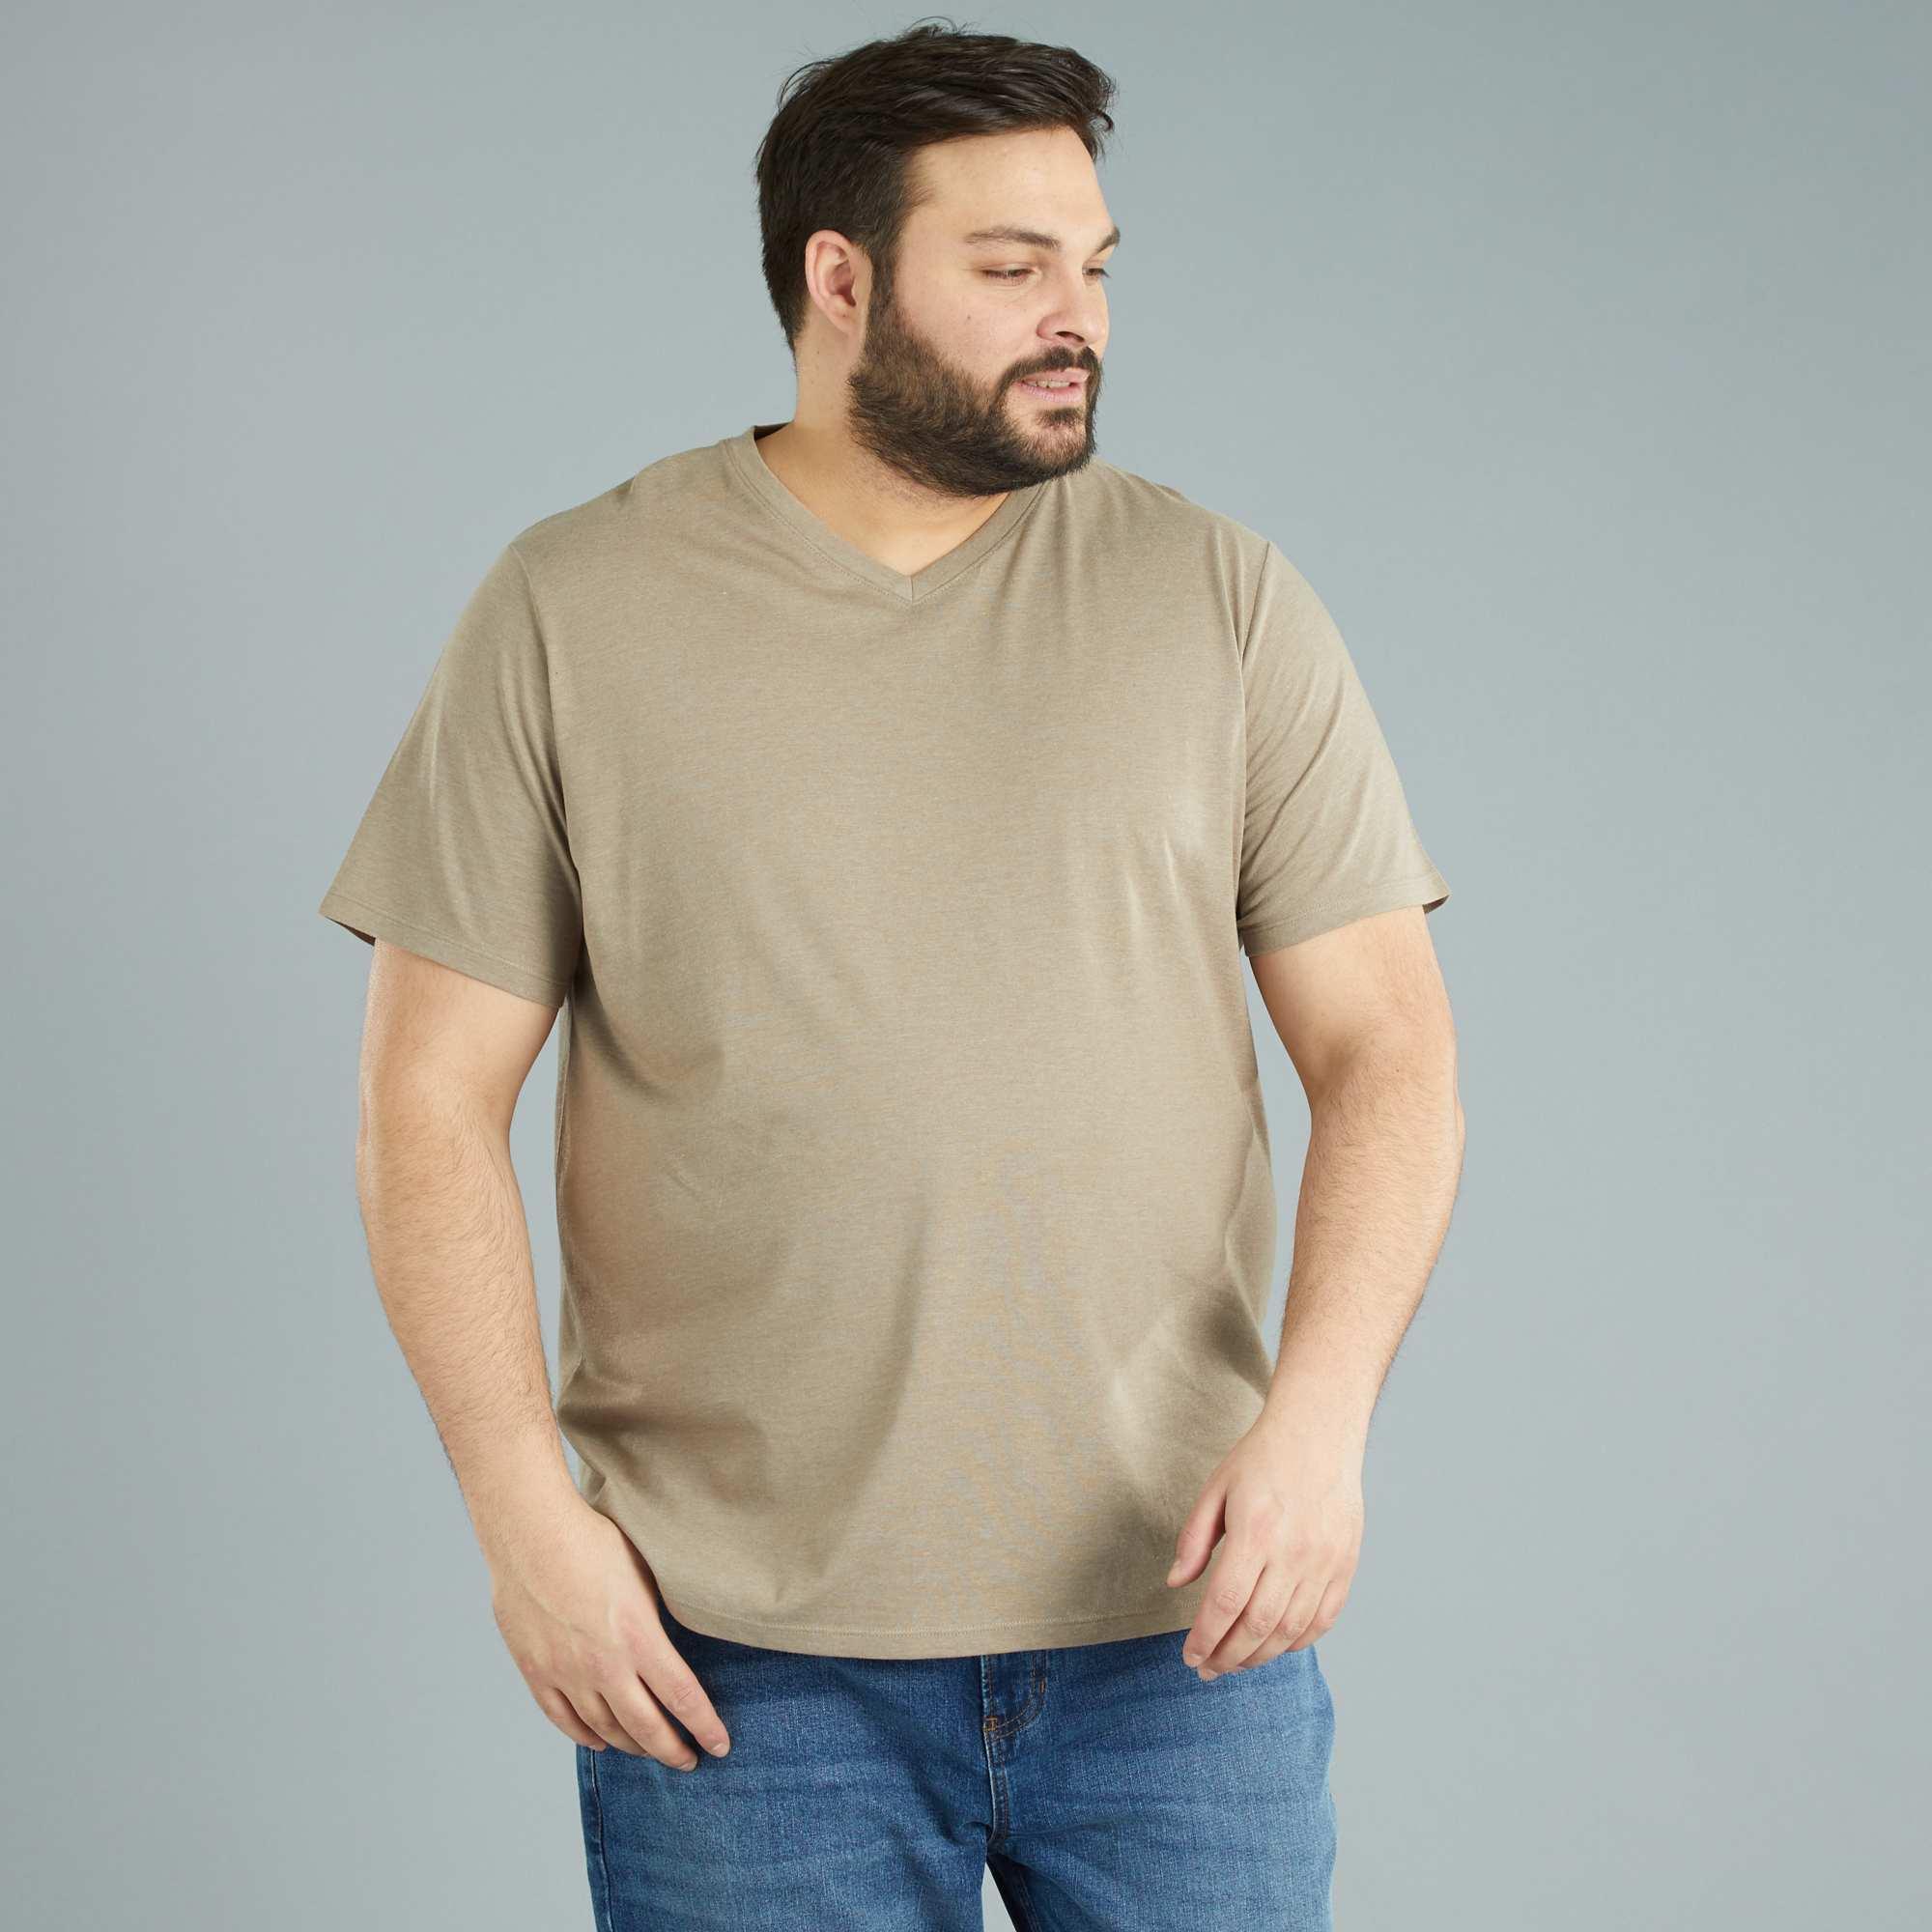 Couleur : blanc, bleu marine, gris chiné,beige chiné,orange vif - Taille : 3XL, 4XL, 5XL,6XL,7XLUn basique incontournable : le t-shirt à encolure V décliné dans un max' de coloris